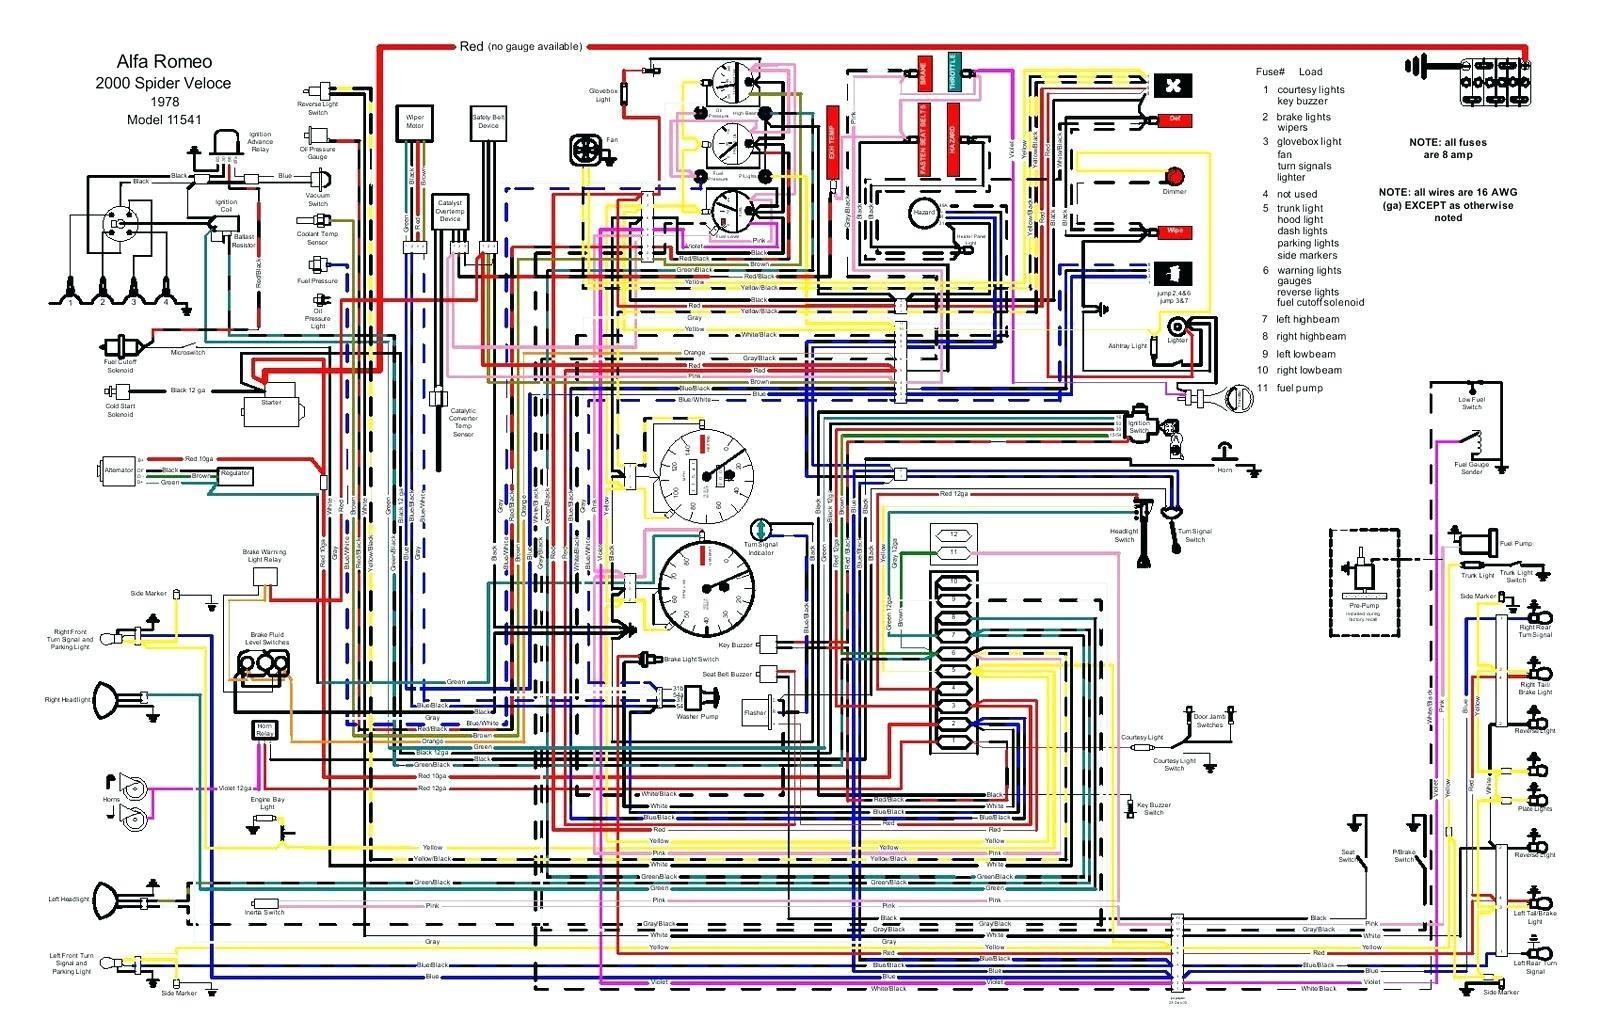 Panel Wiring Diagram Software | Wiring Diagram - Free Wiring Diagram Software